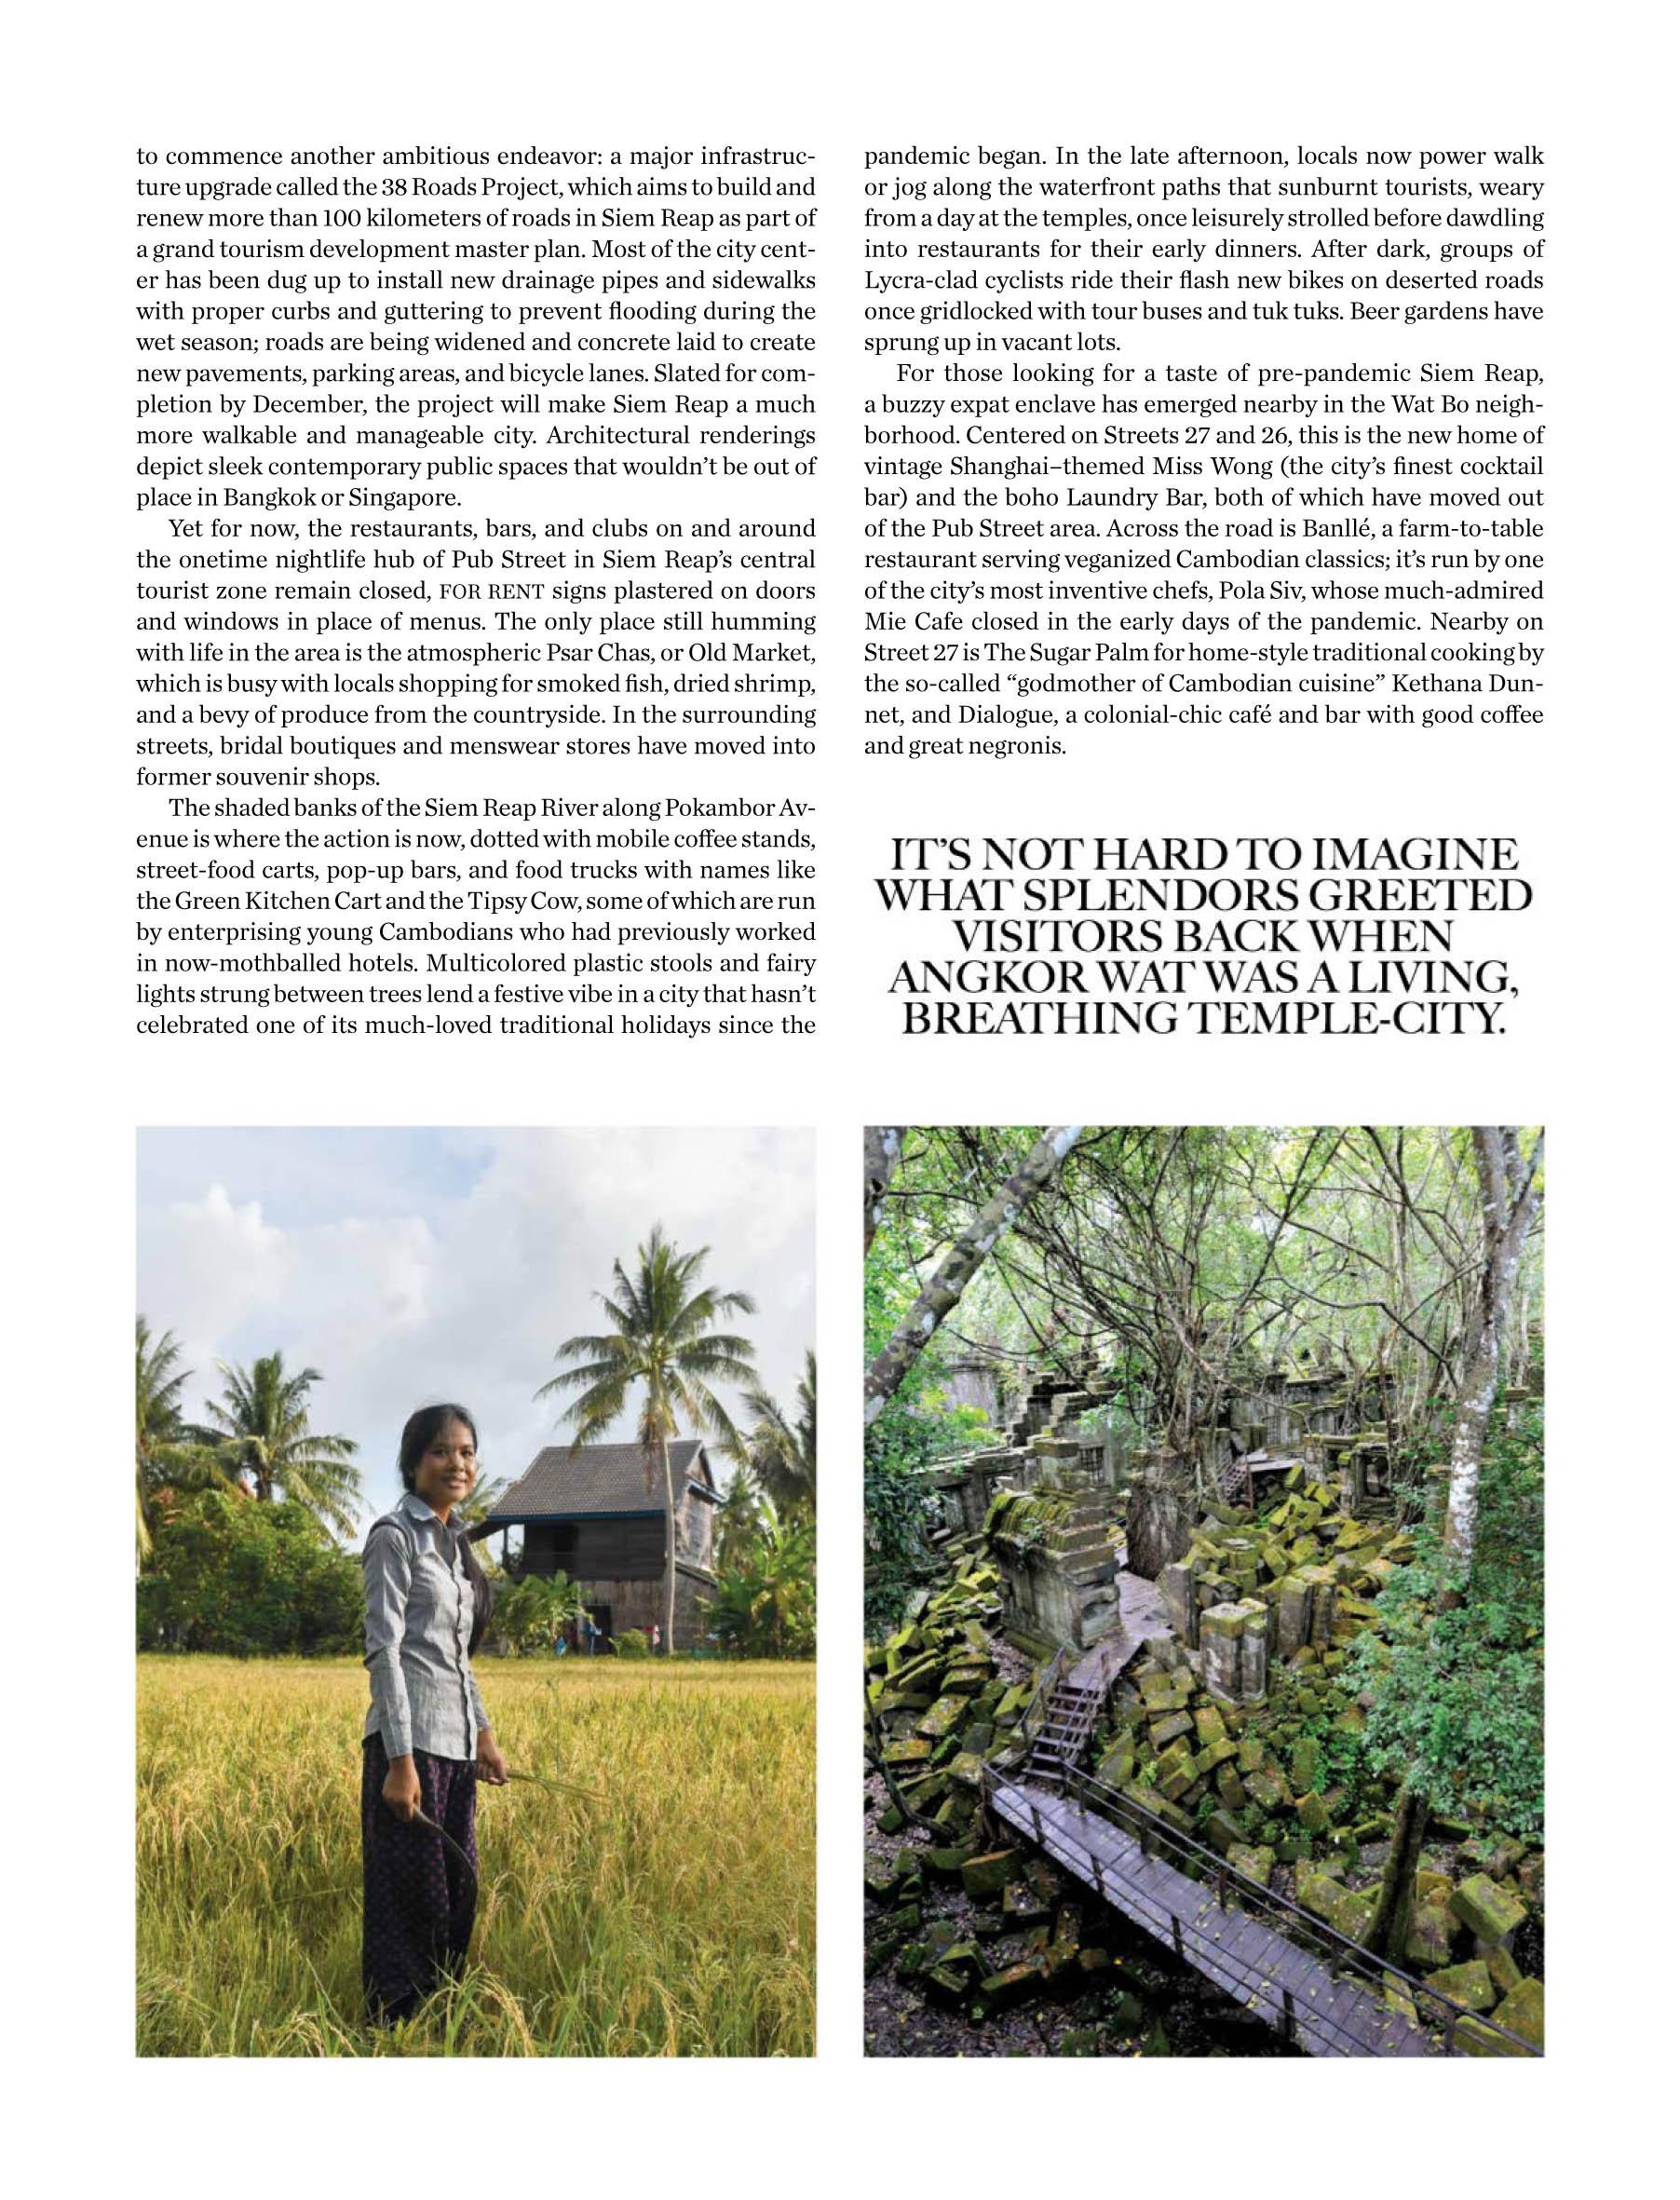 DestinAsian 2021-09-11 Angkor-4.jpg